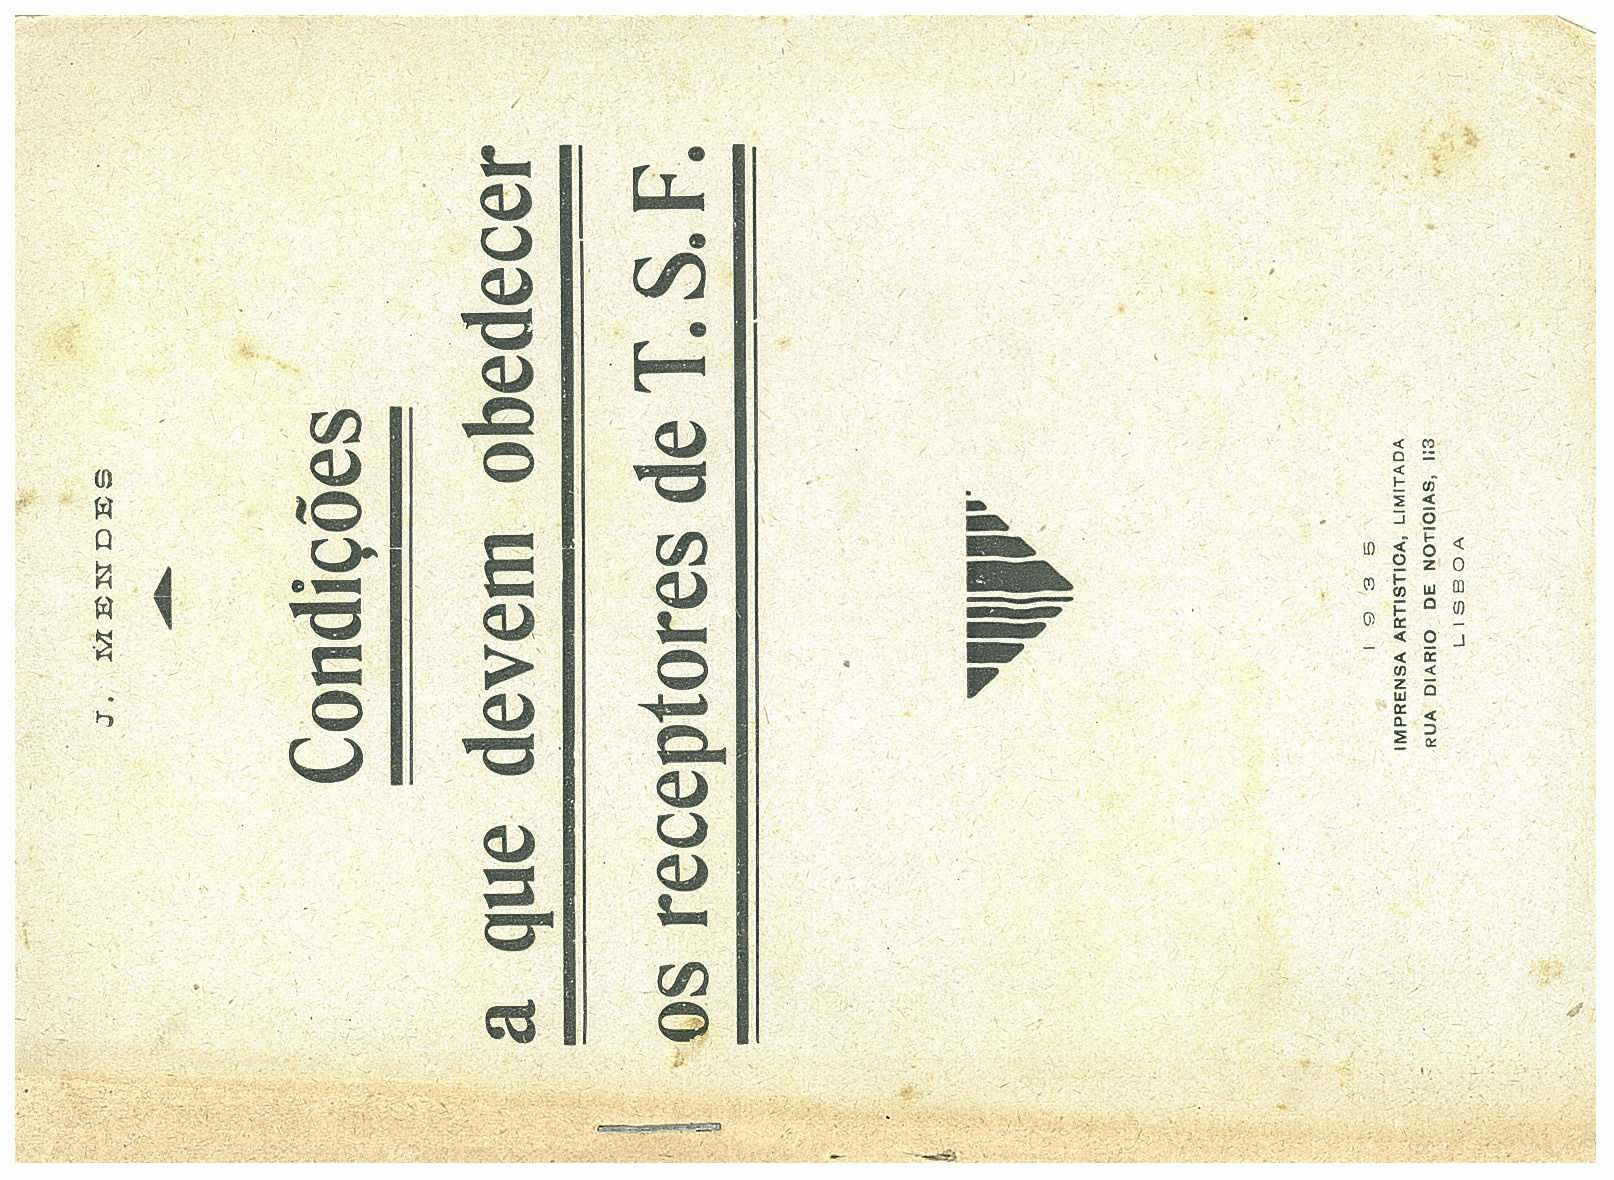 Capa do livro Condições a que devem obedecer os receptores de TSF